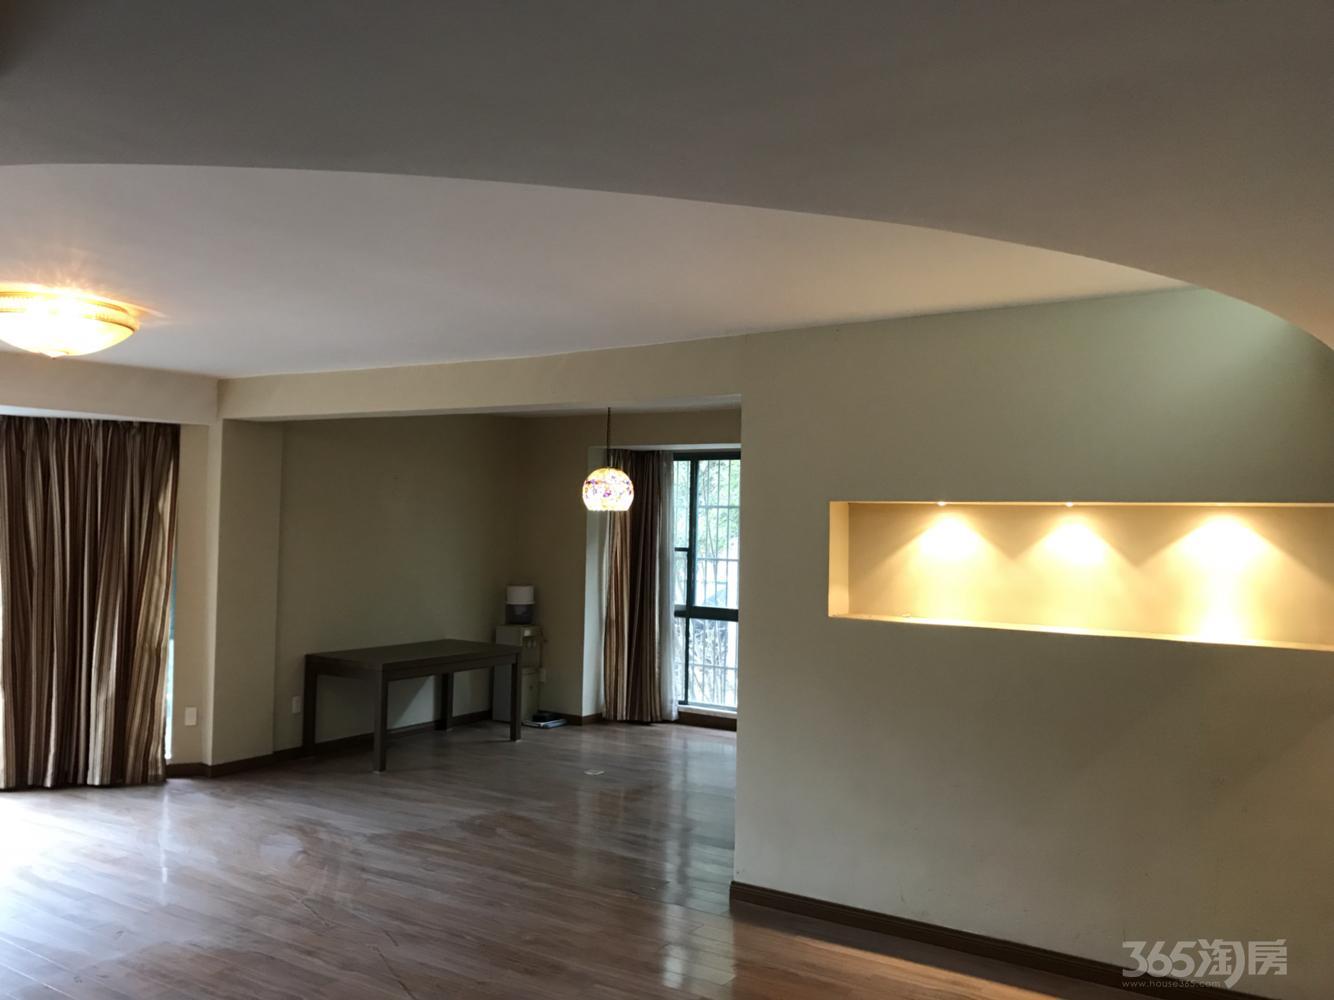 华达窑山花园3室2厅2卫145平米简装产权房2009年建